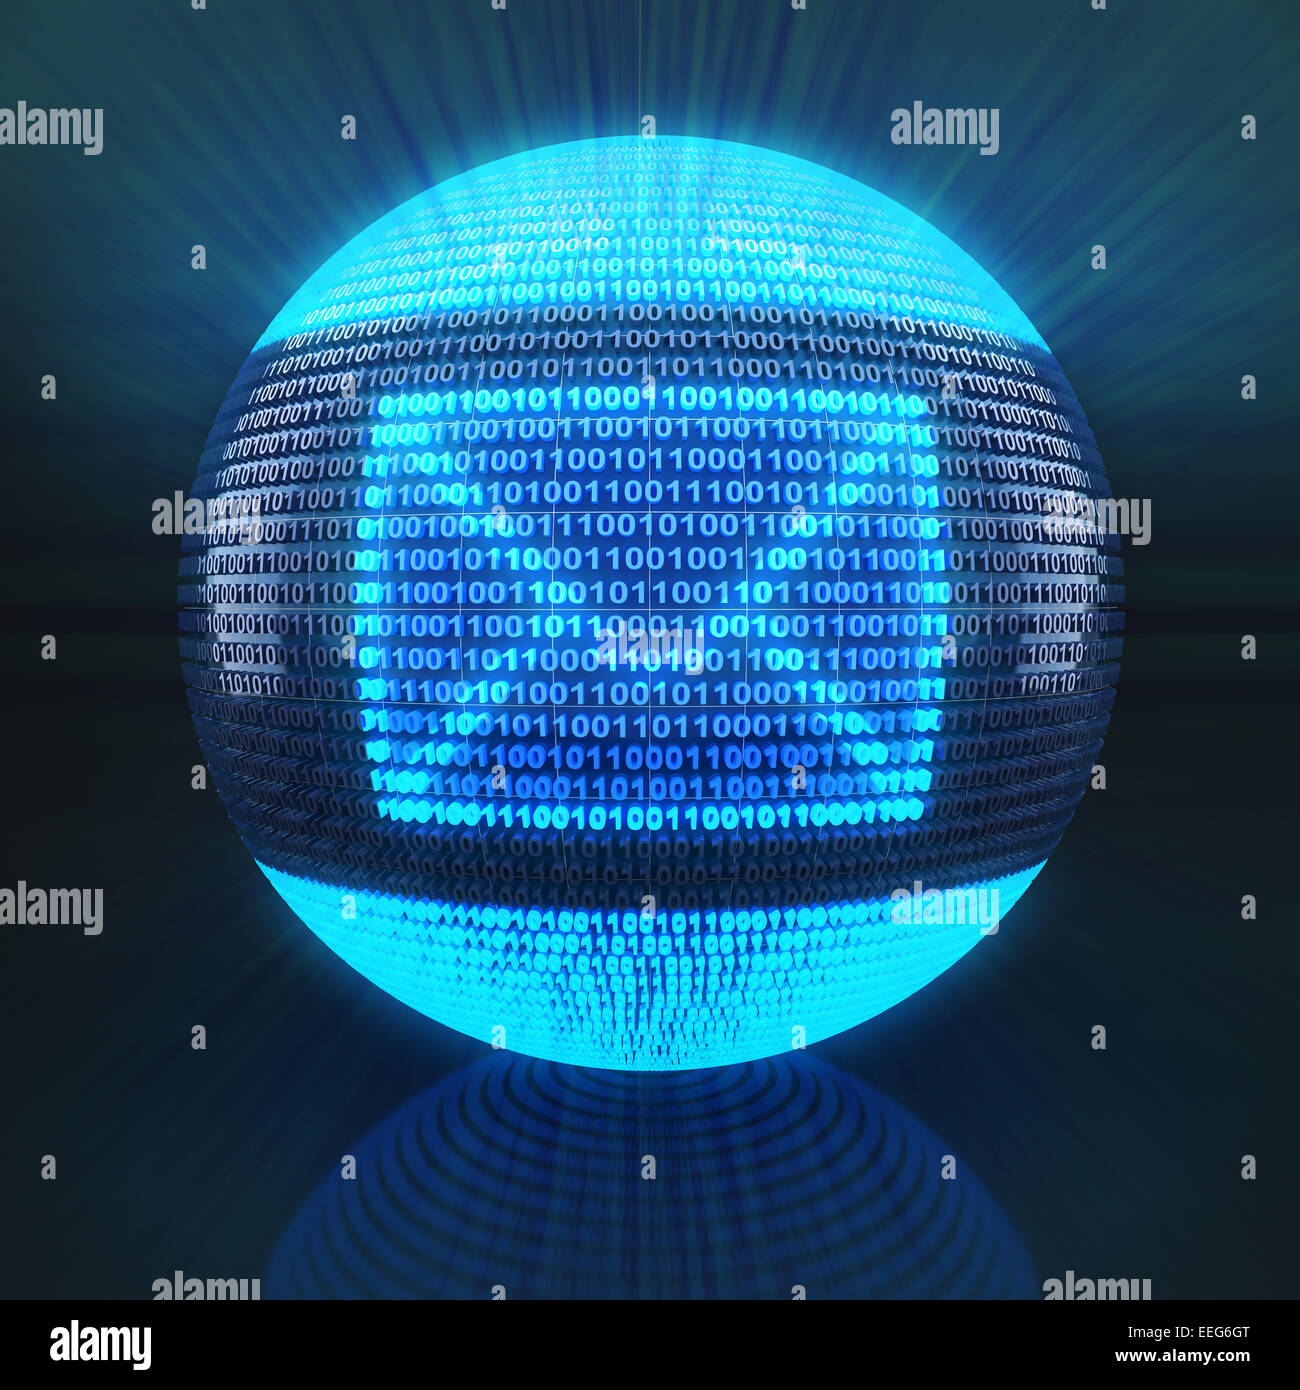 Simbolo di posta sul globo terrestre formato da codice binario Immagini Stock